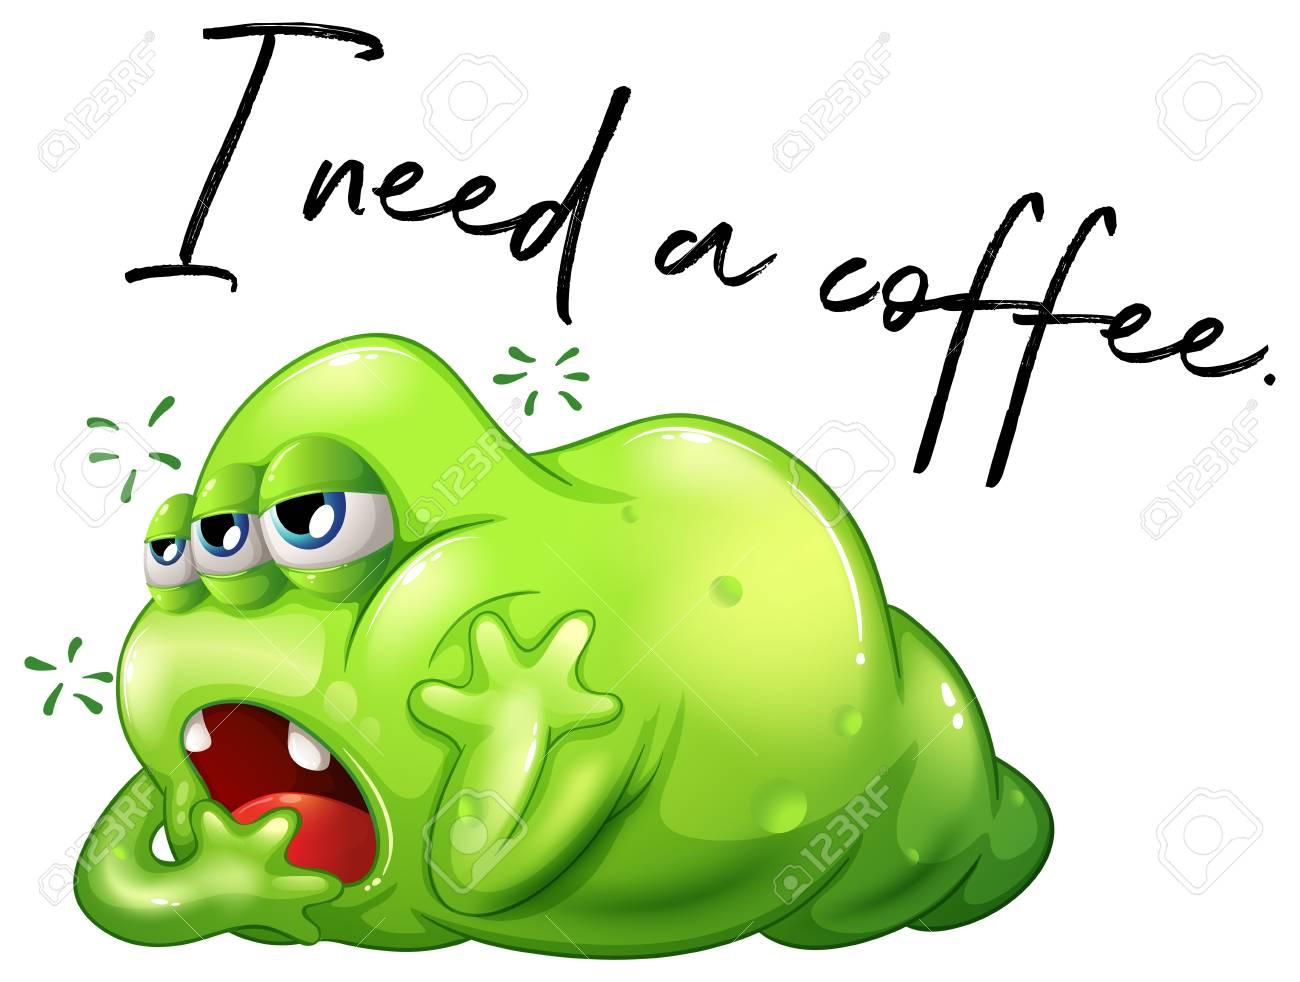 Frase Ho Bisogno Di Un Caffè Con Illustrazione Del Mostro Verde Assonnato